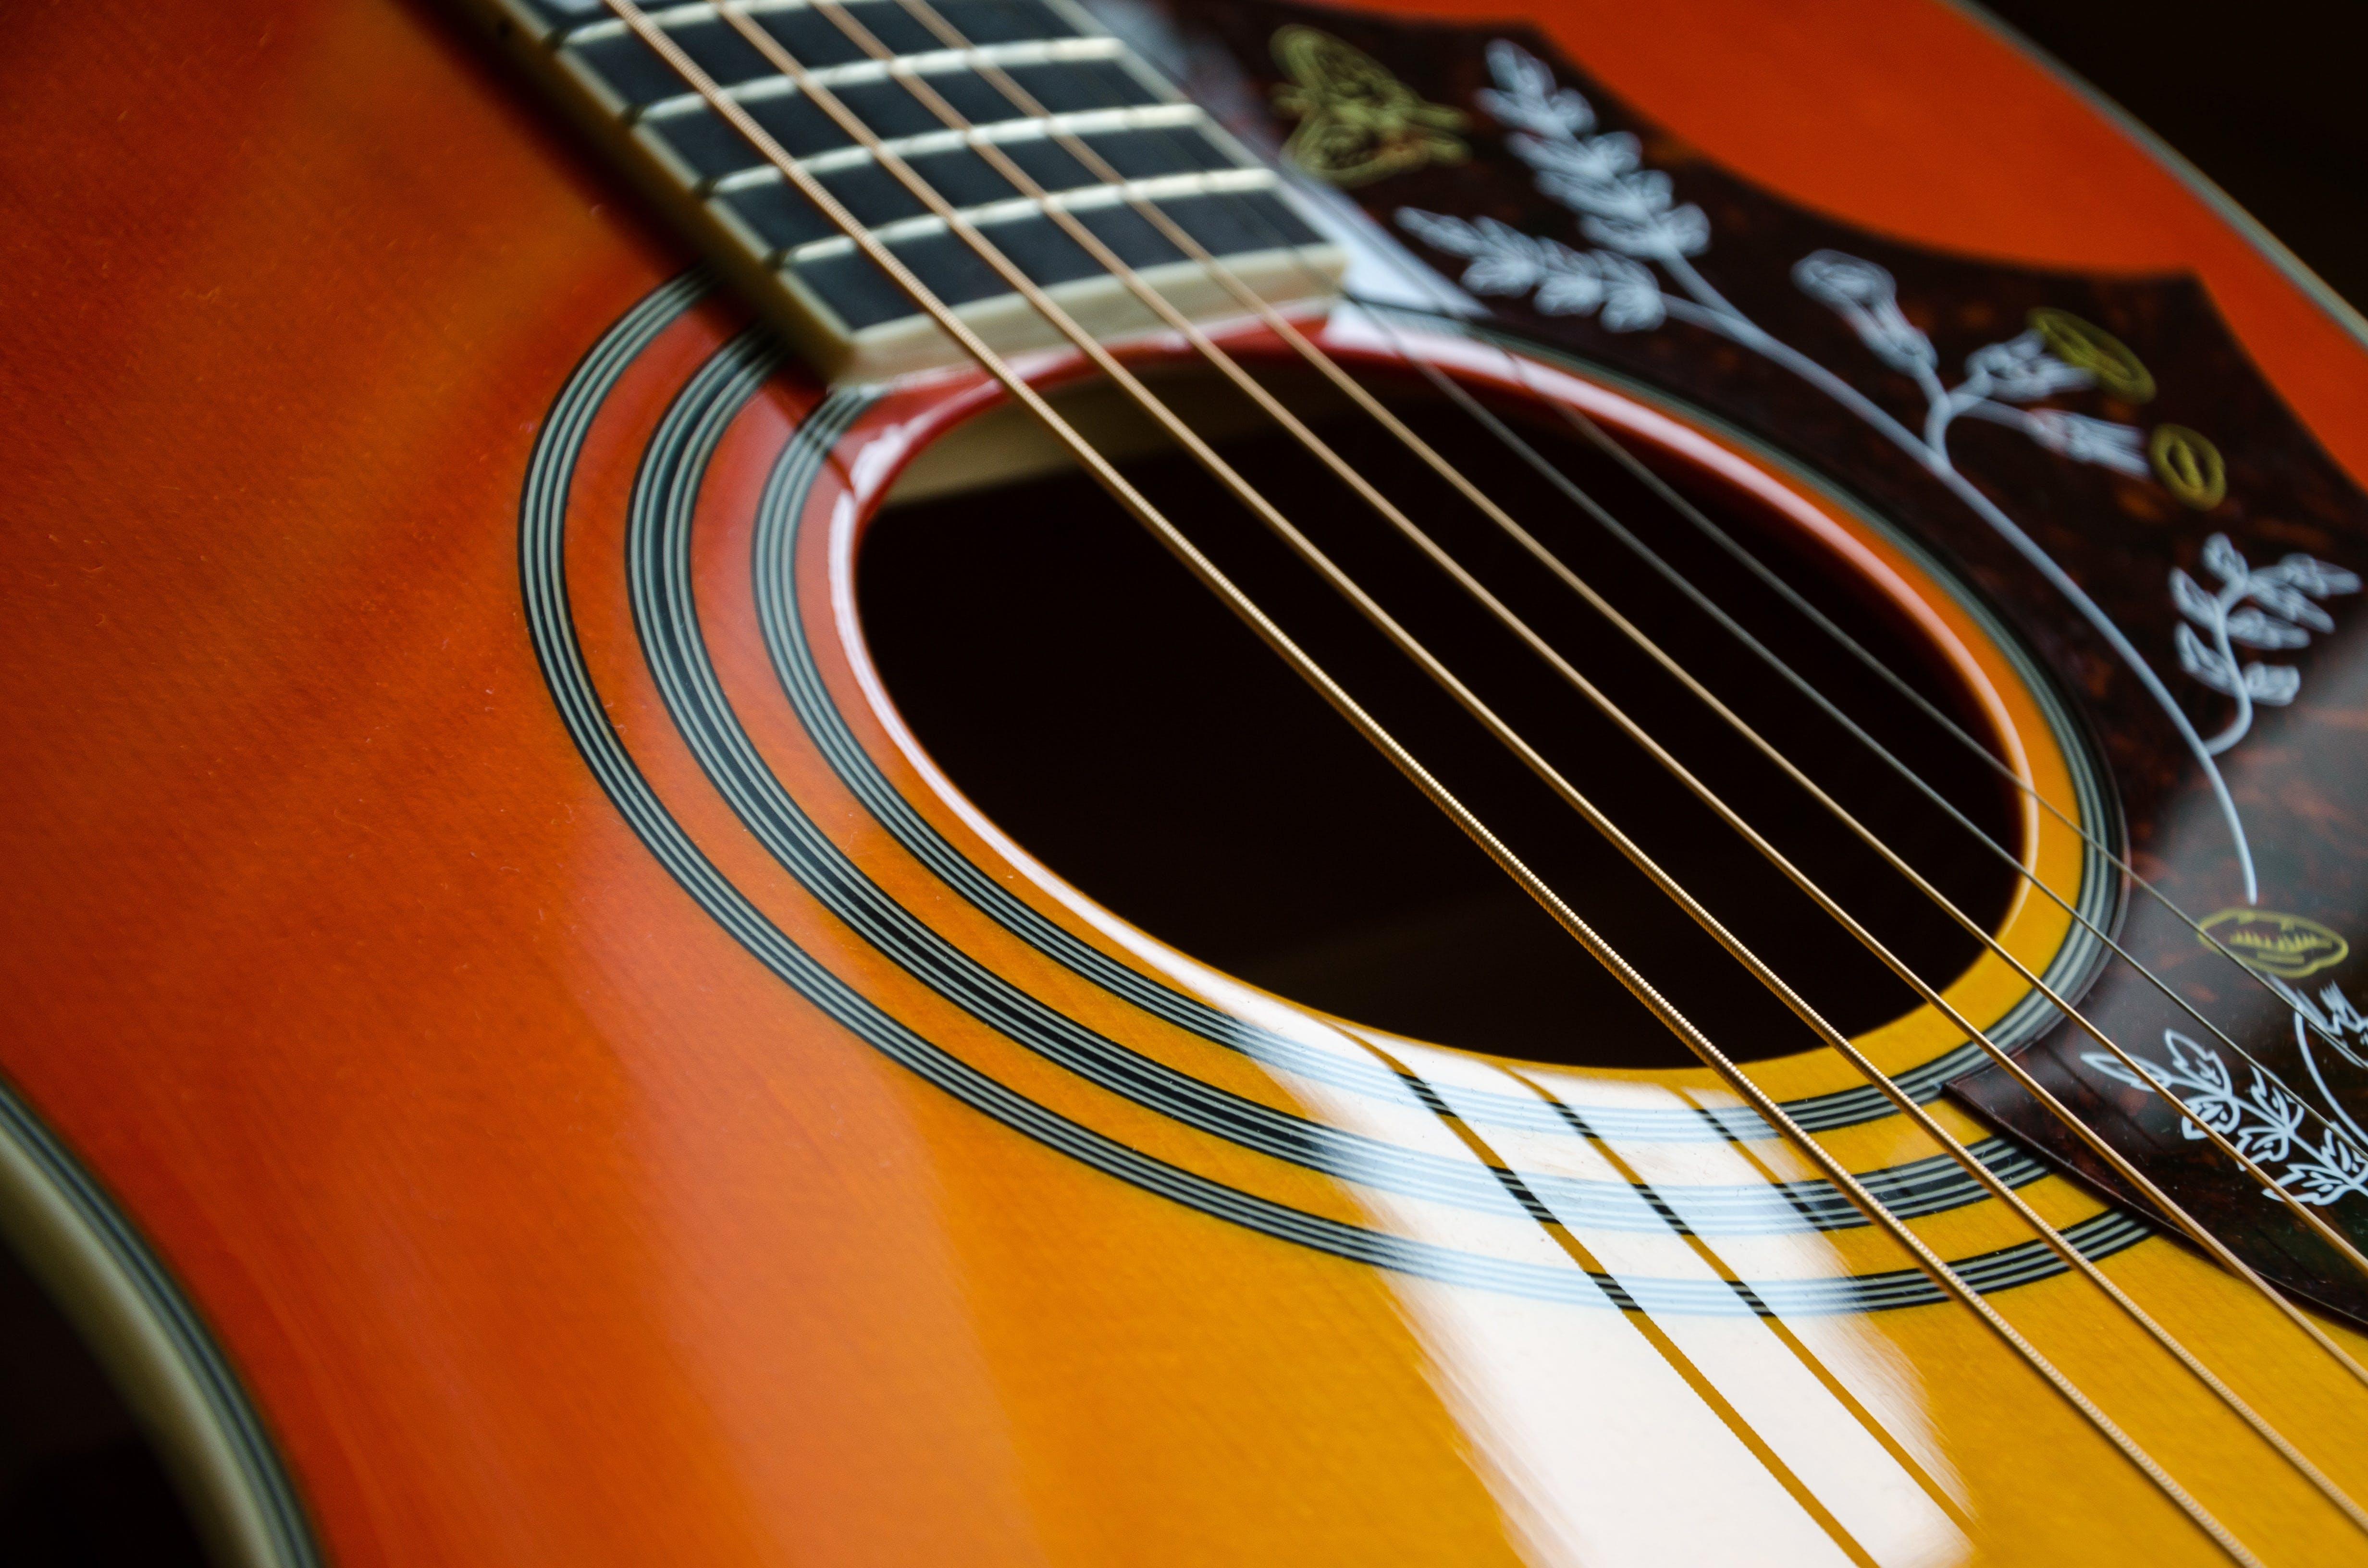 原本, 和弦, 弦樂器, 樂器 的 免費圖庫相片